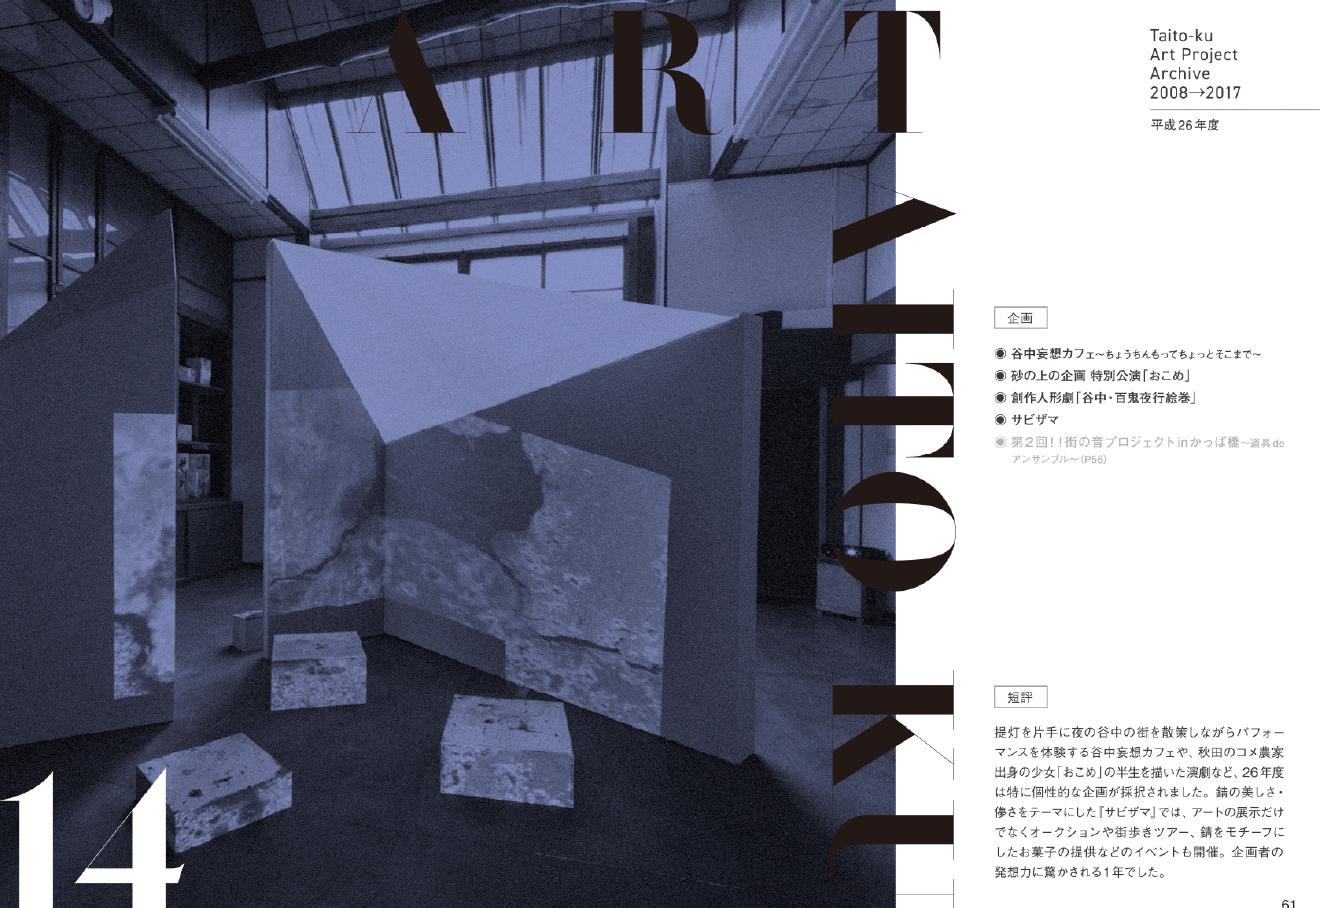 台東区芸術文化支援制度10年記念アーカイブ